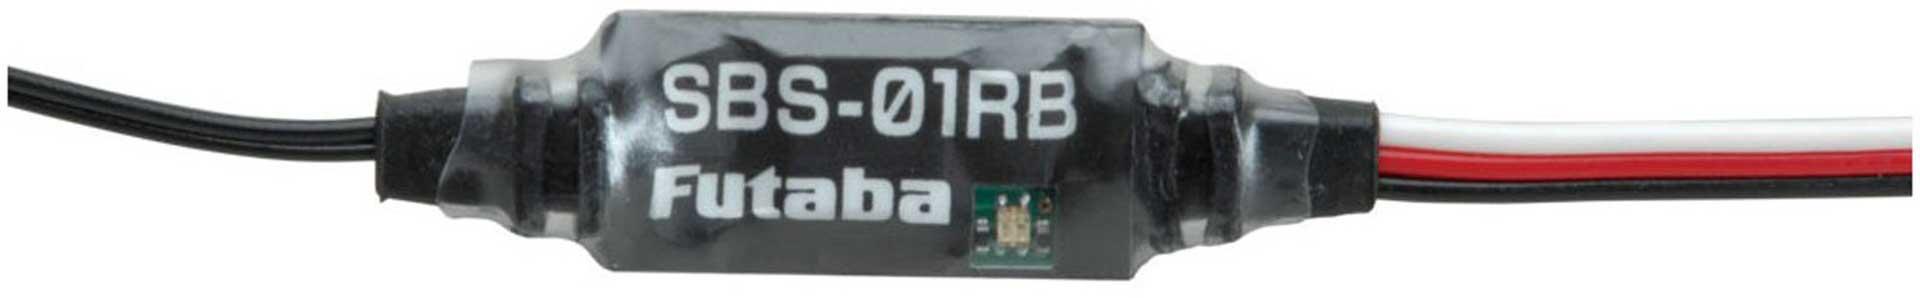 FUTABA BL-RPM-SENSOR SBS01RB